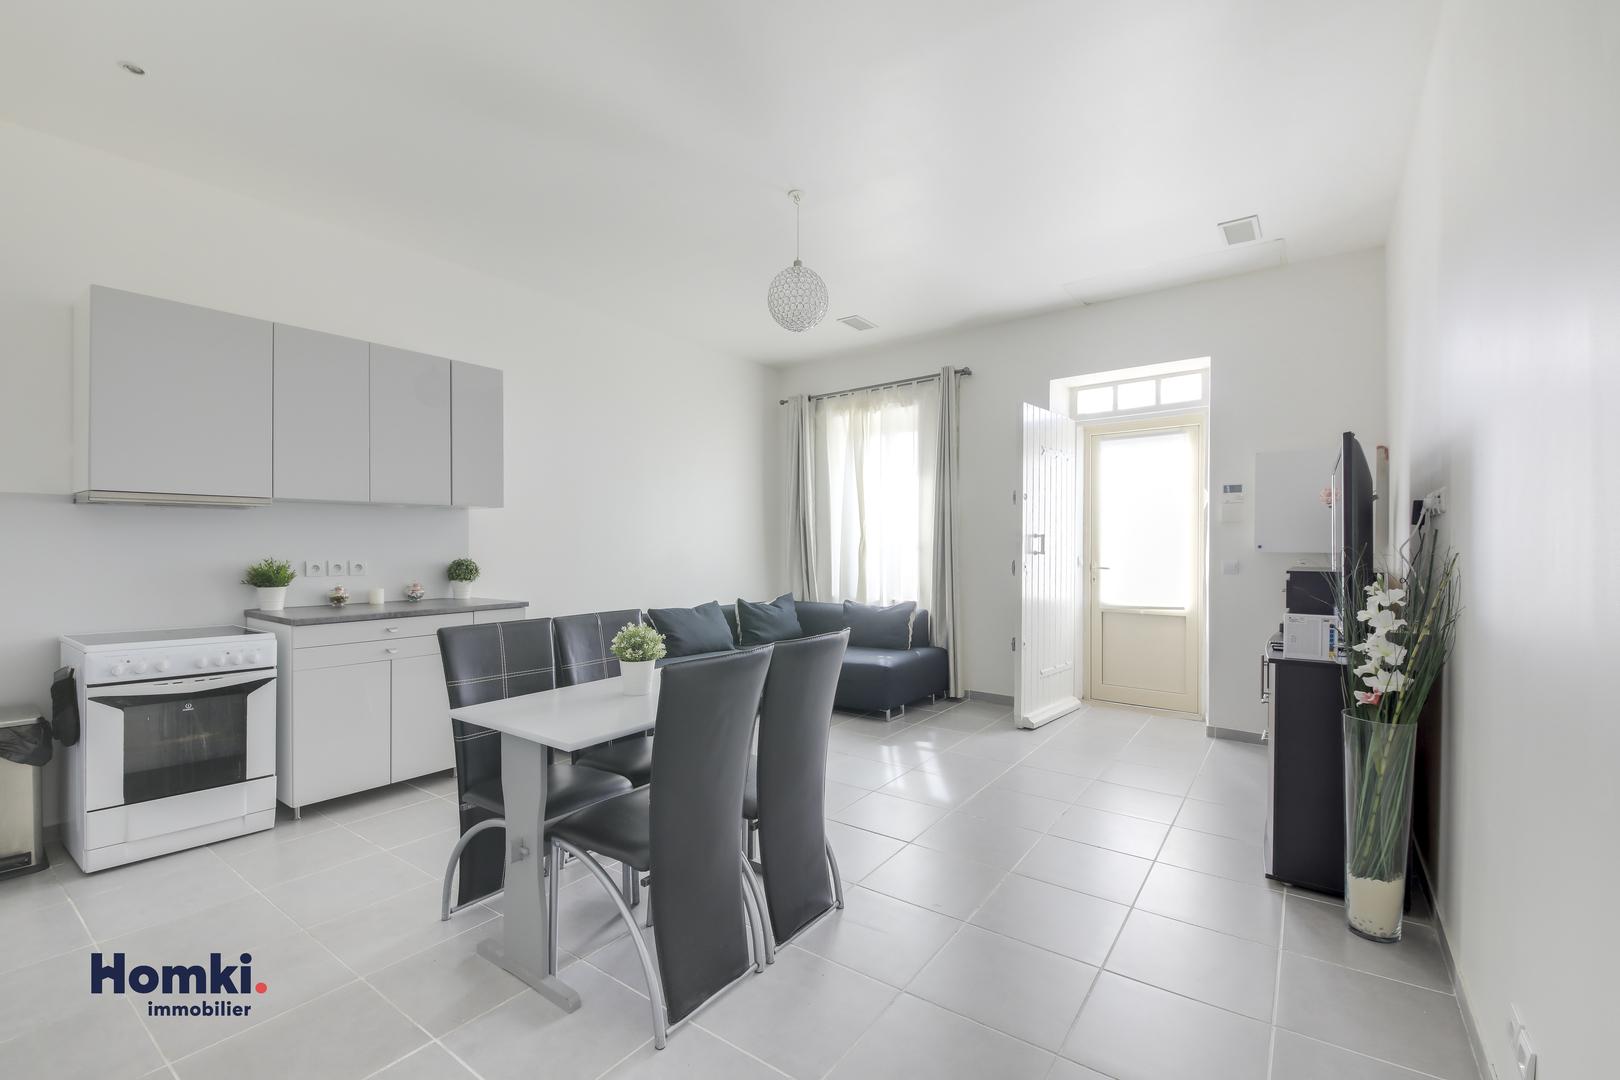 Vente Maison 65 m² T3 13013_3